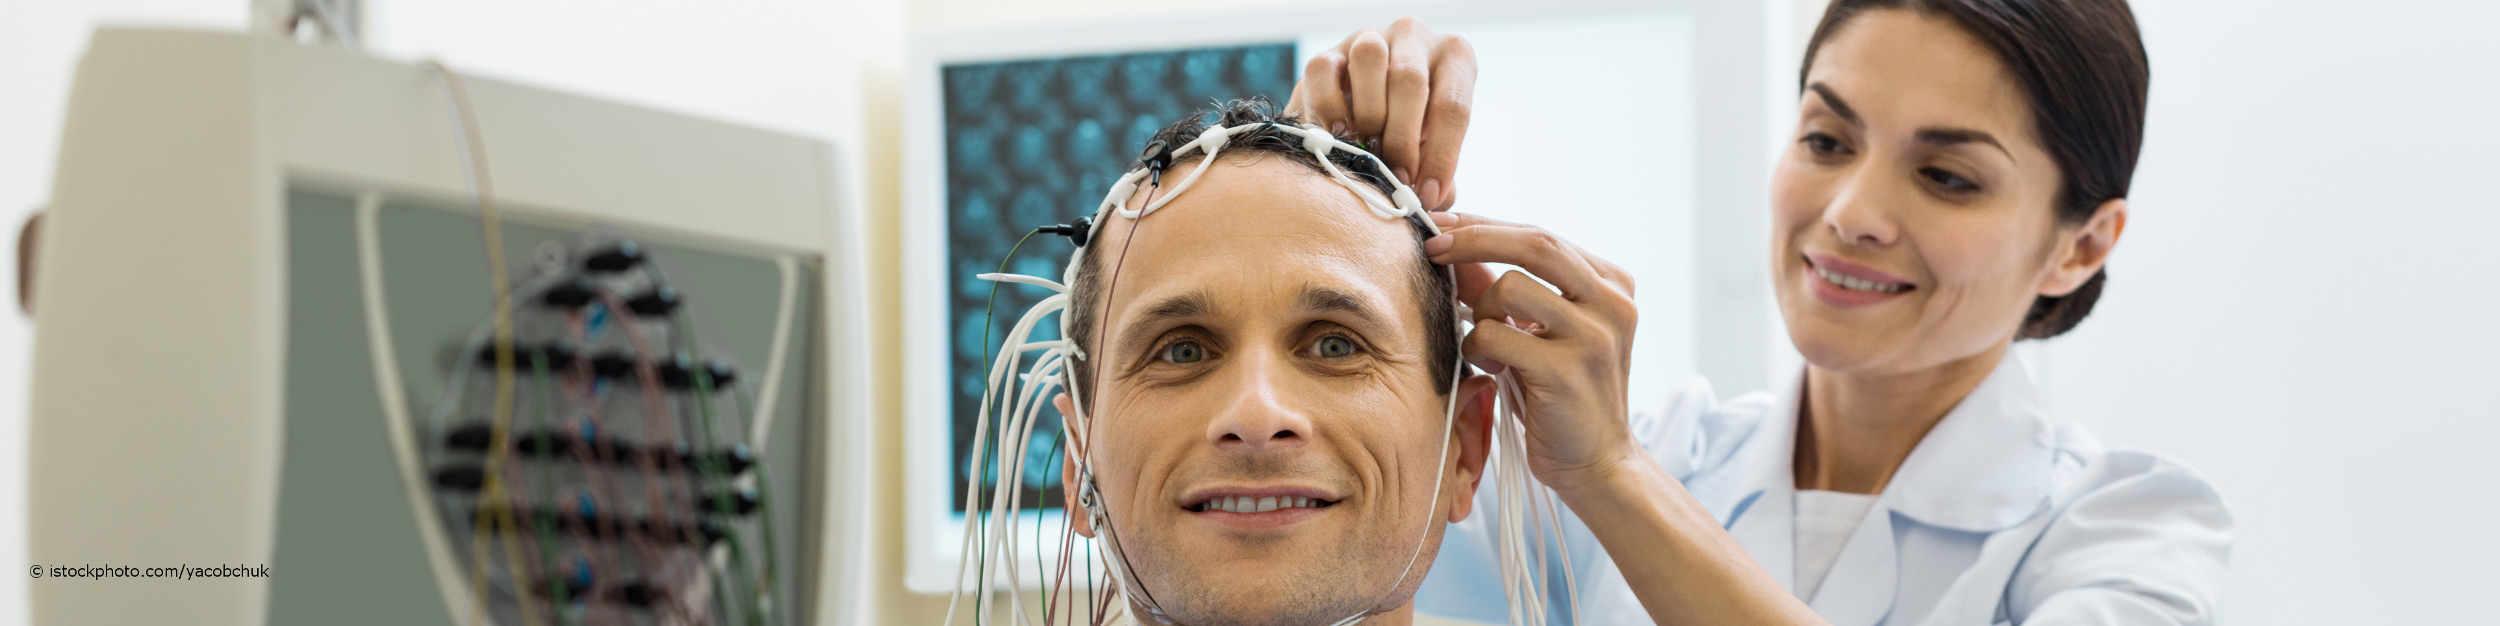 Auf DocInsider registrierte Ärztin legt Mann die Elektroden für das EEG an